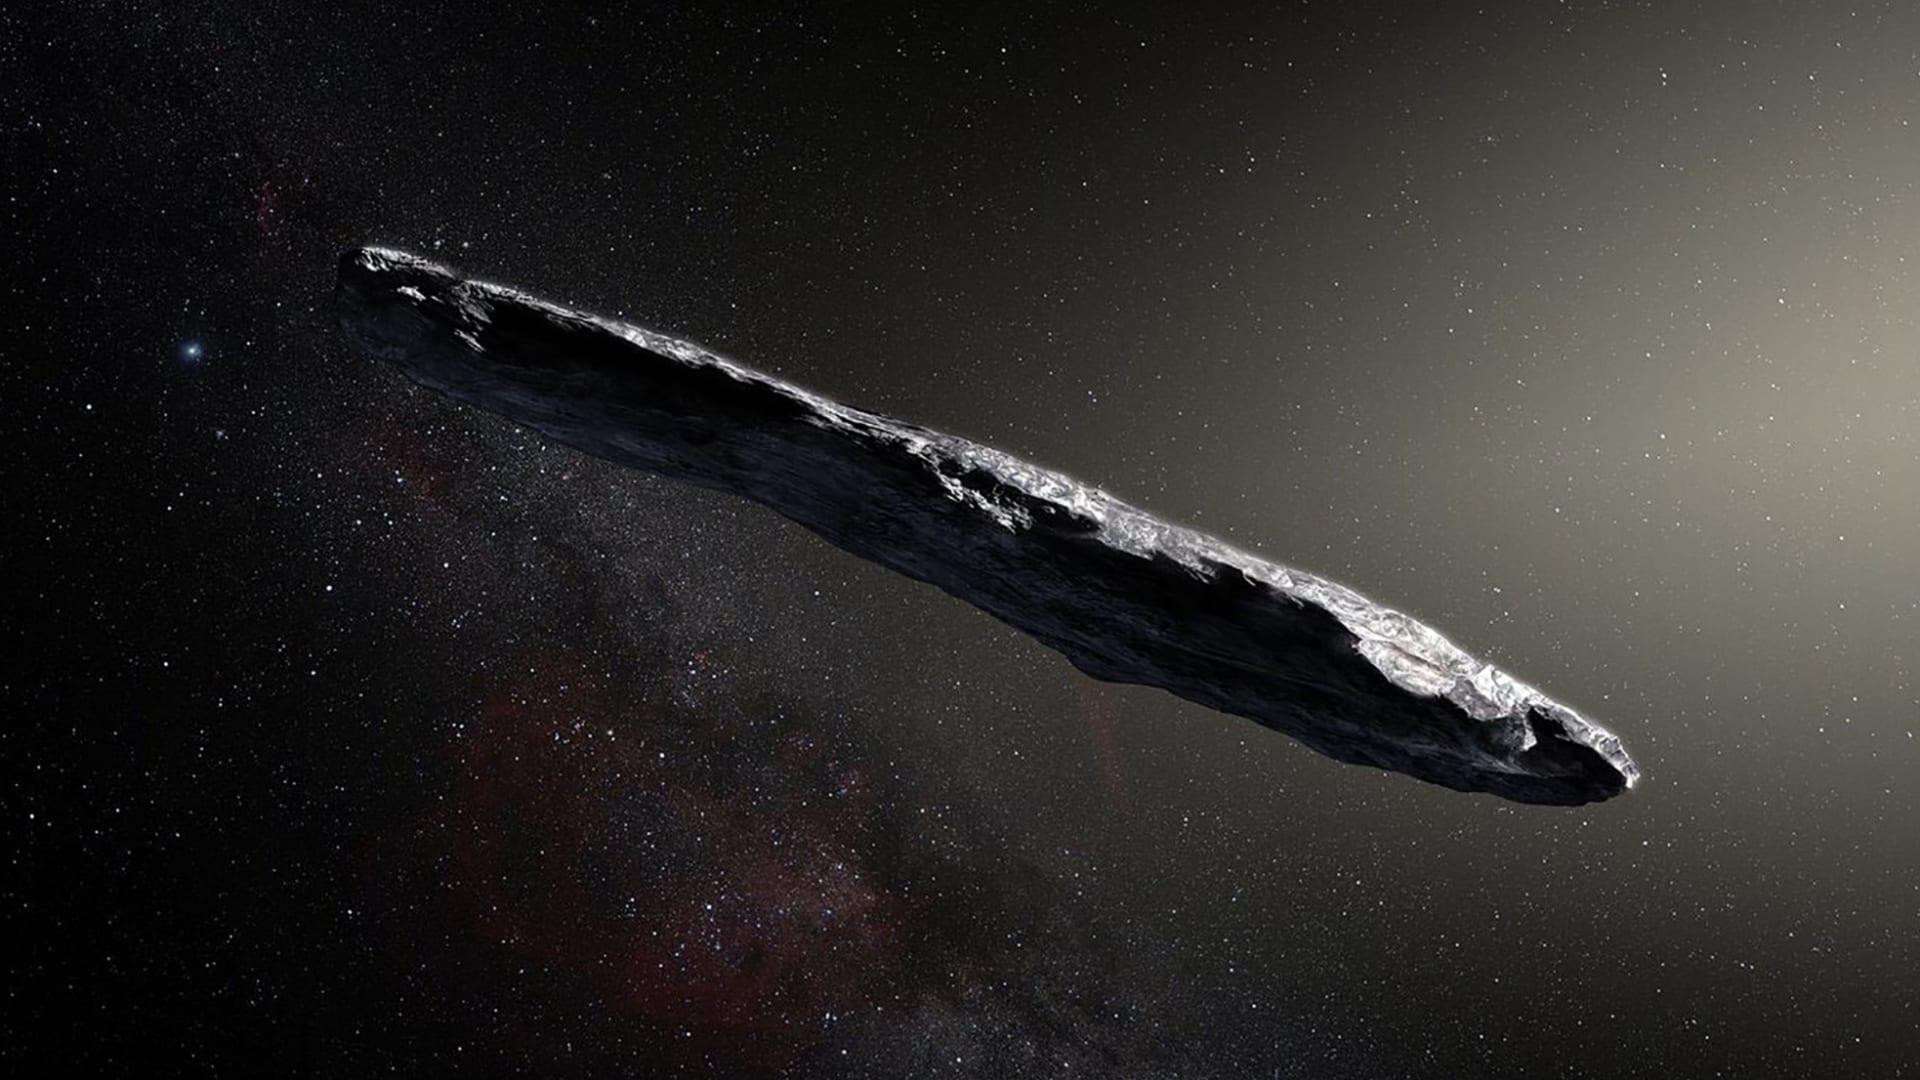 هل هذه أول علامة على وجود حياة فضائية؟ عالم فيزيائي فلكي في هارفارد يعتقد ذلك